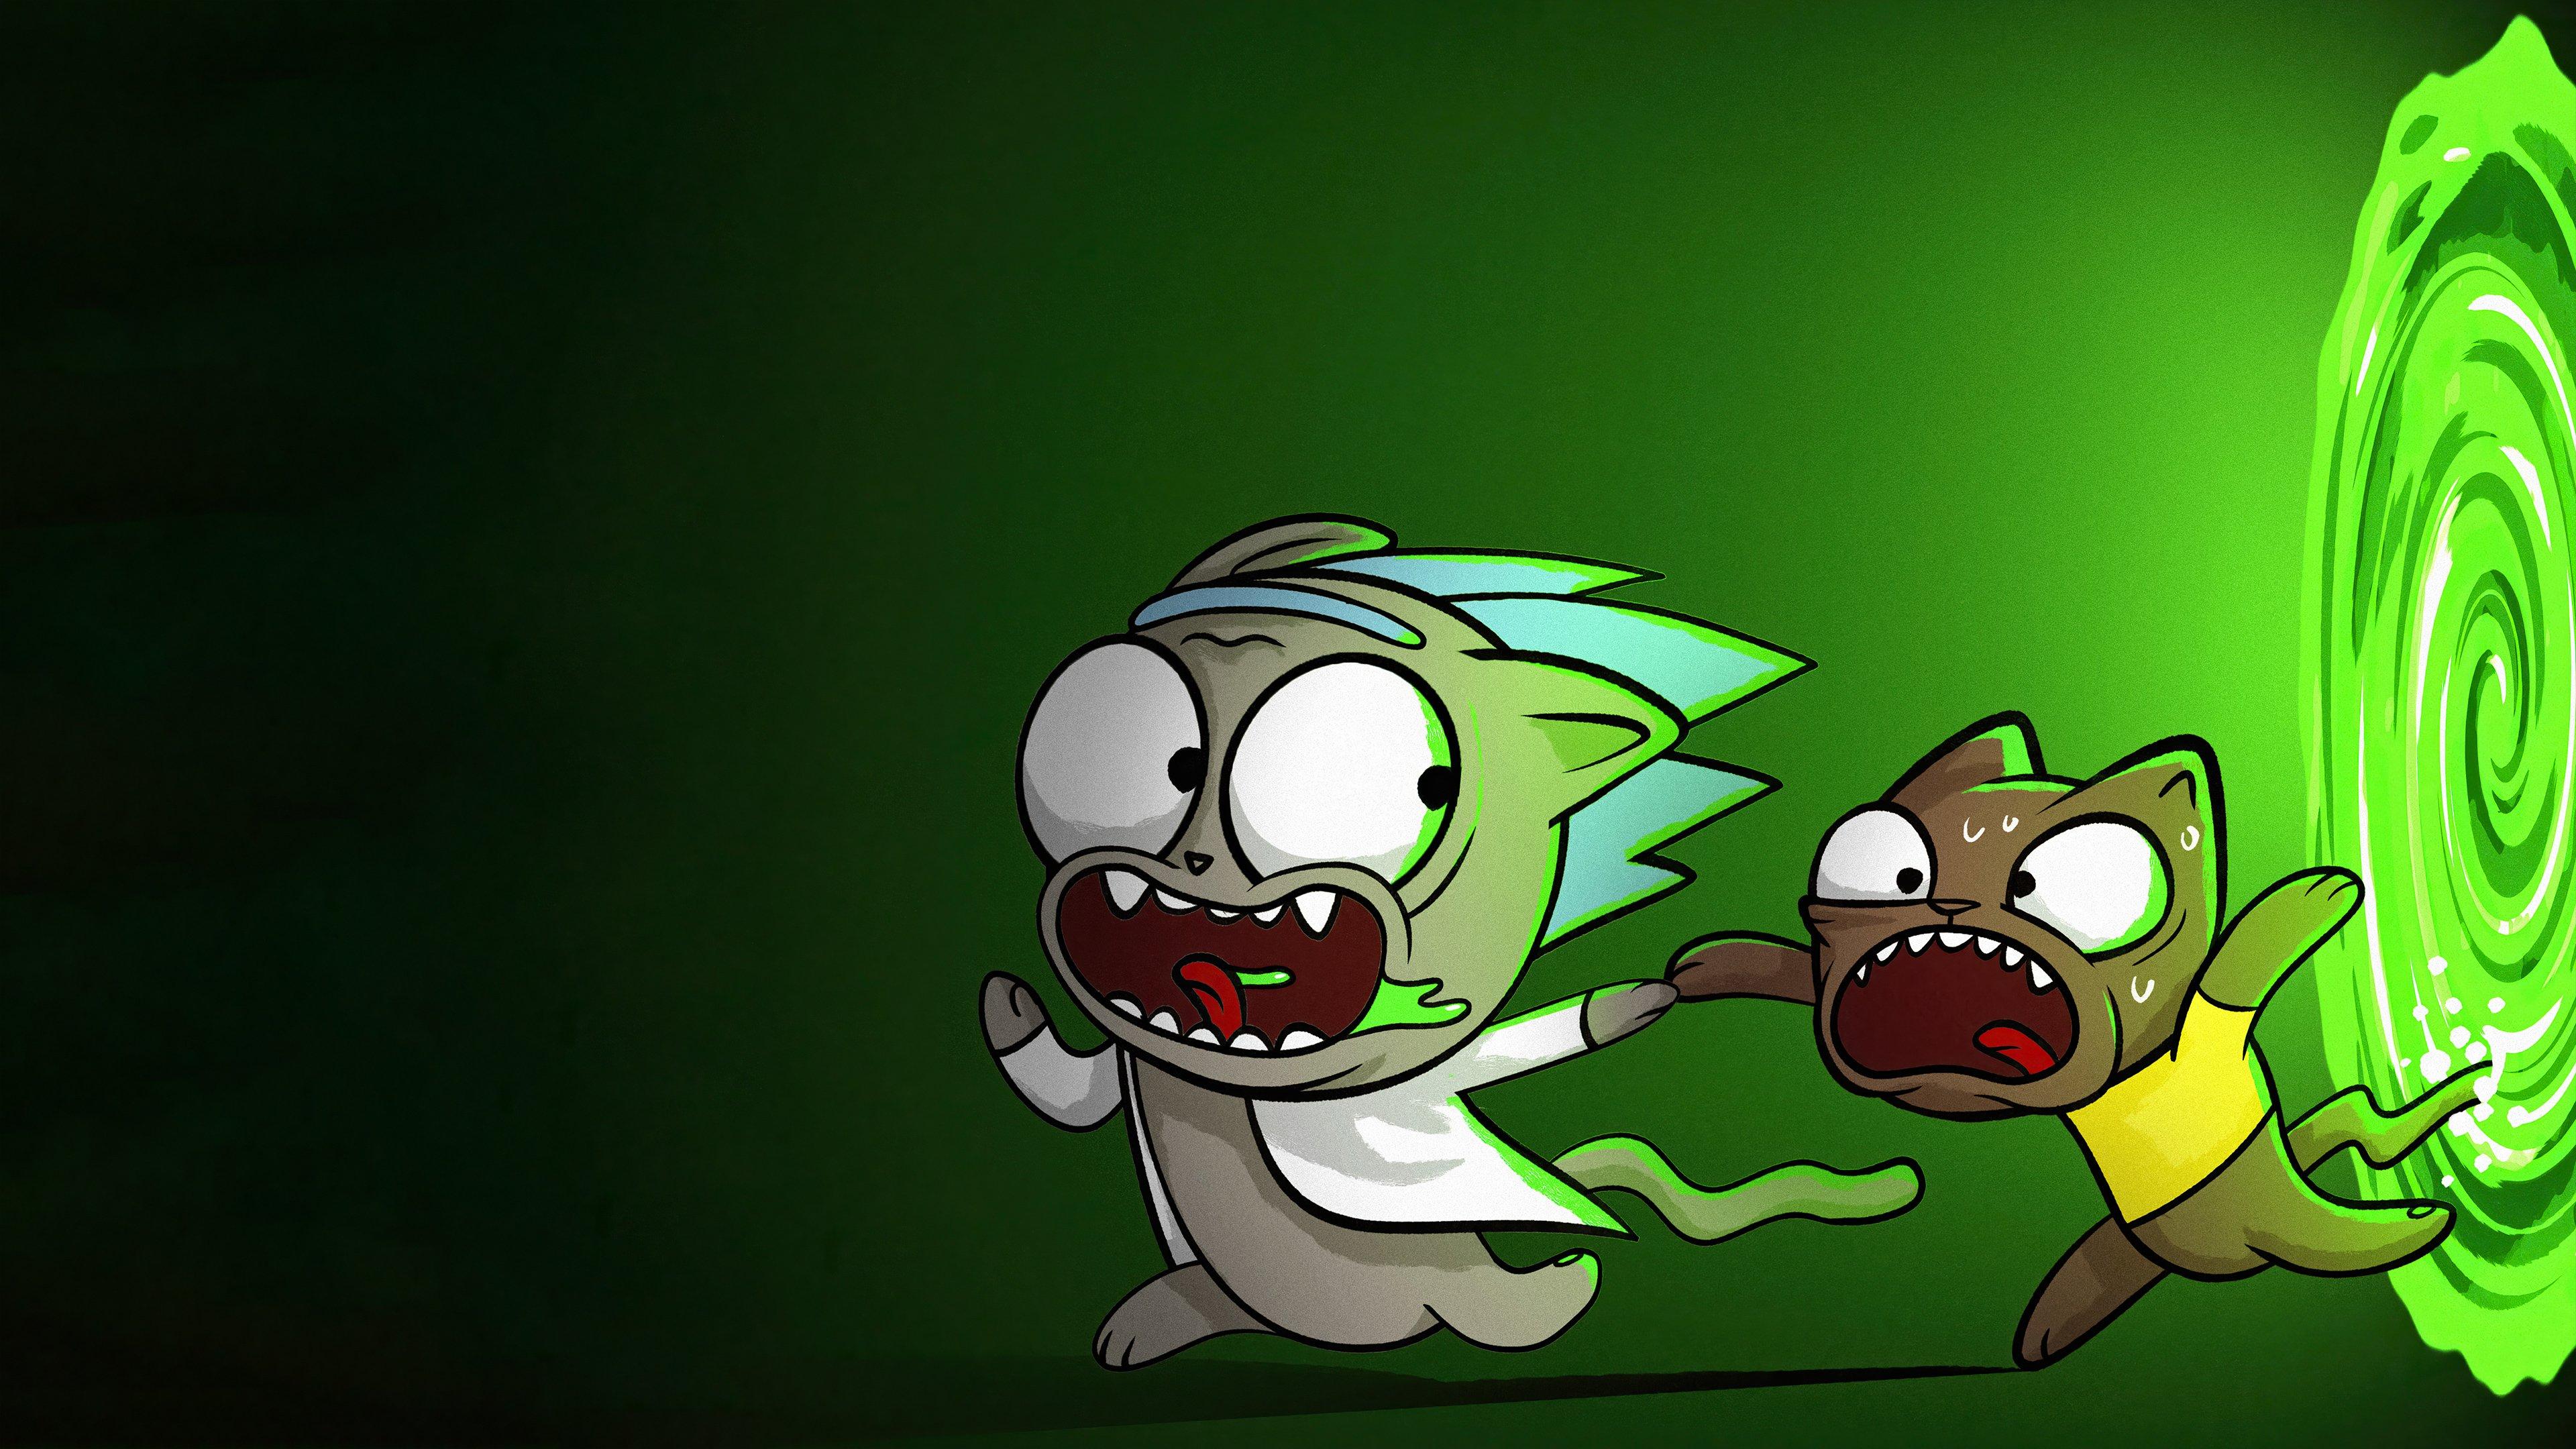 Fondos de pantalla Rick y Morty en otra dimensión